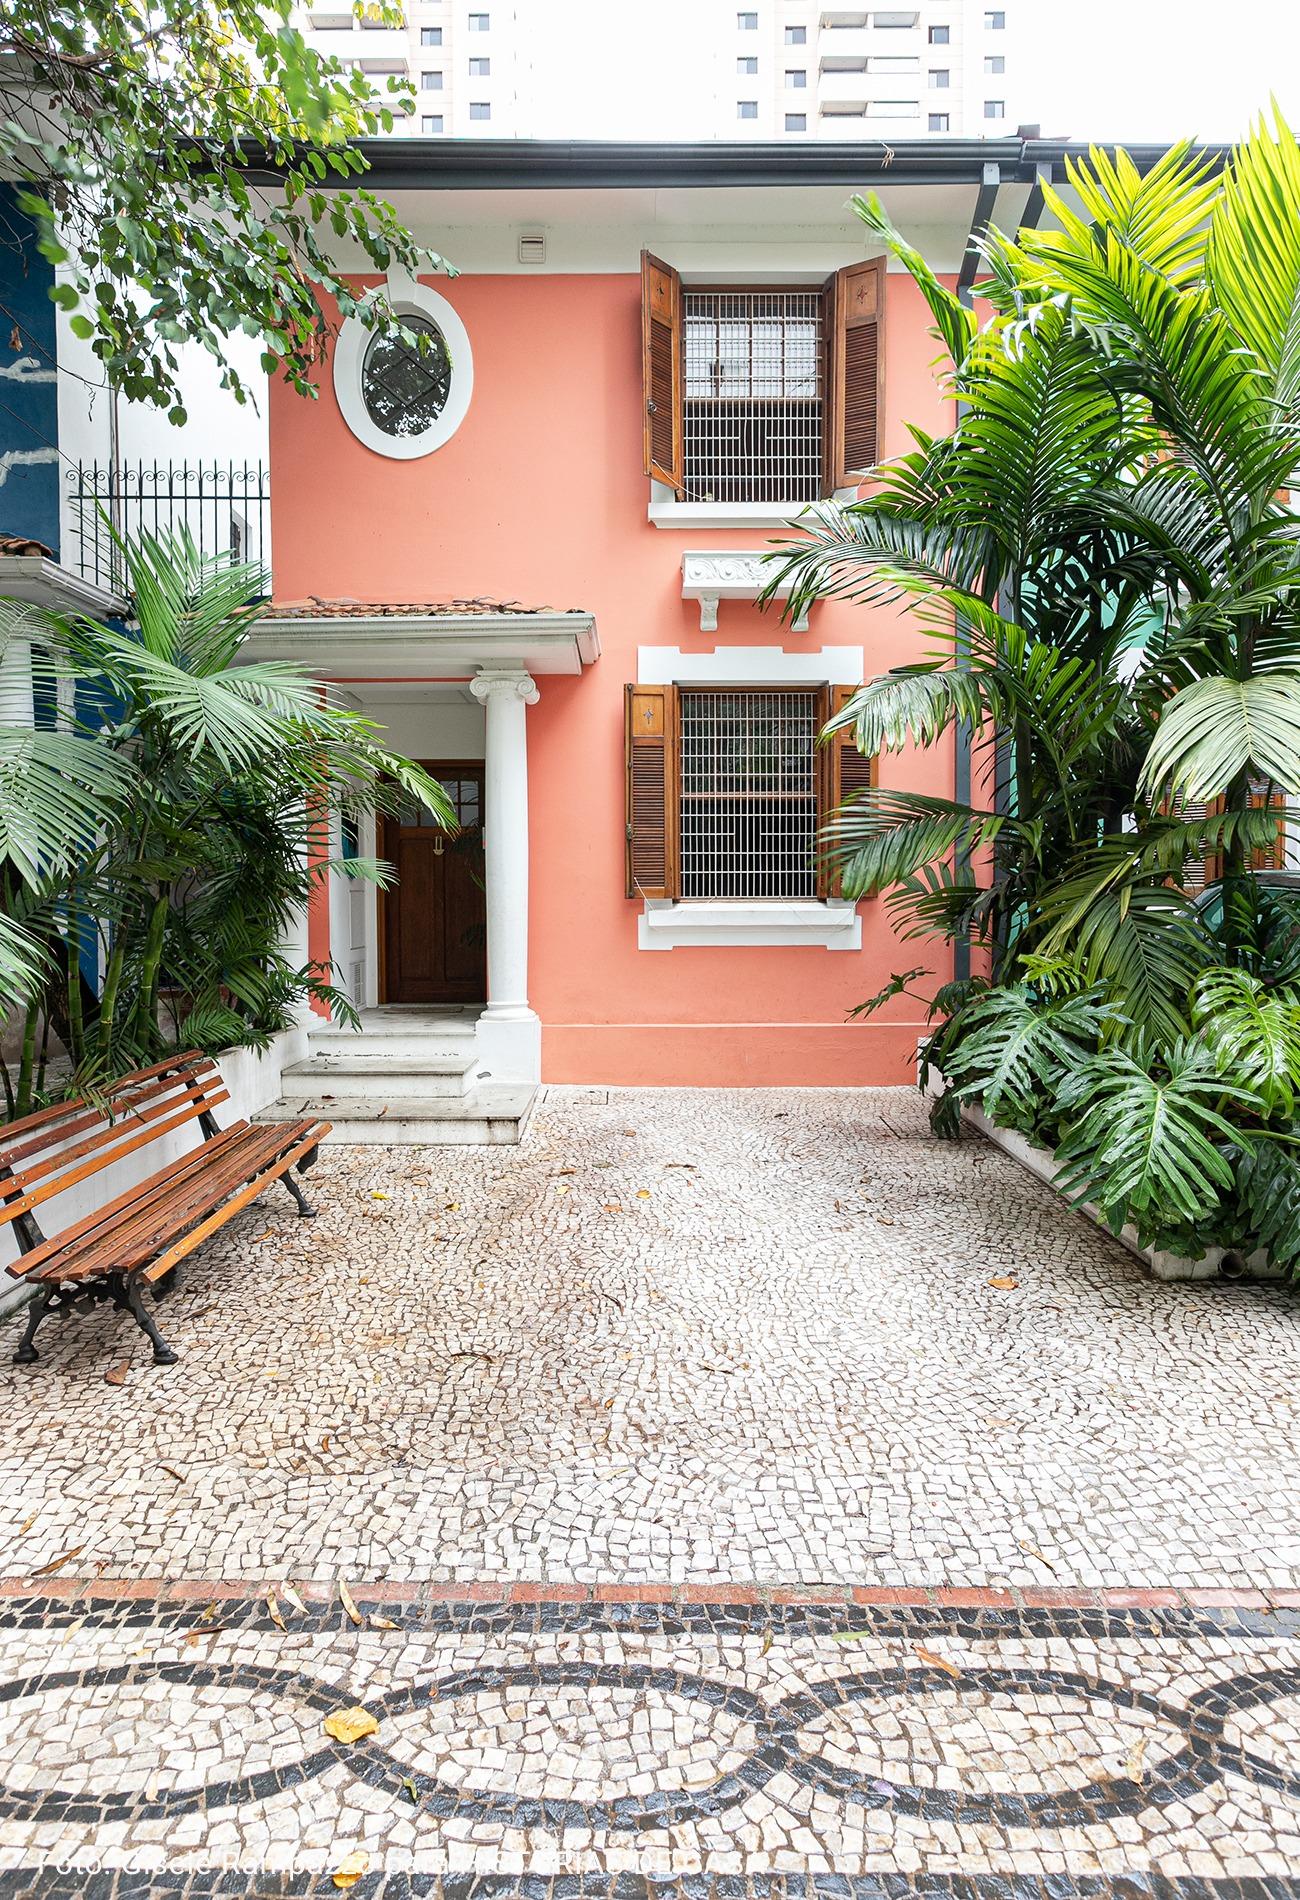 fachada rosa de casa